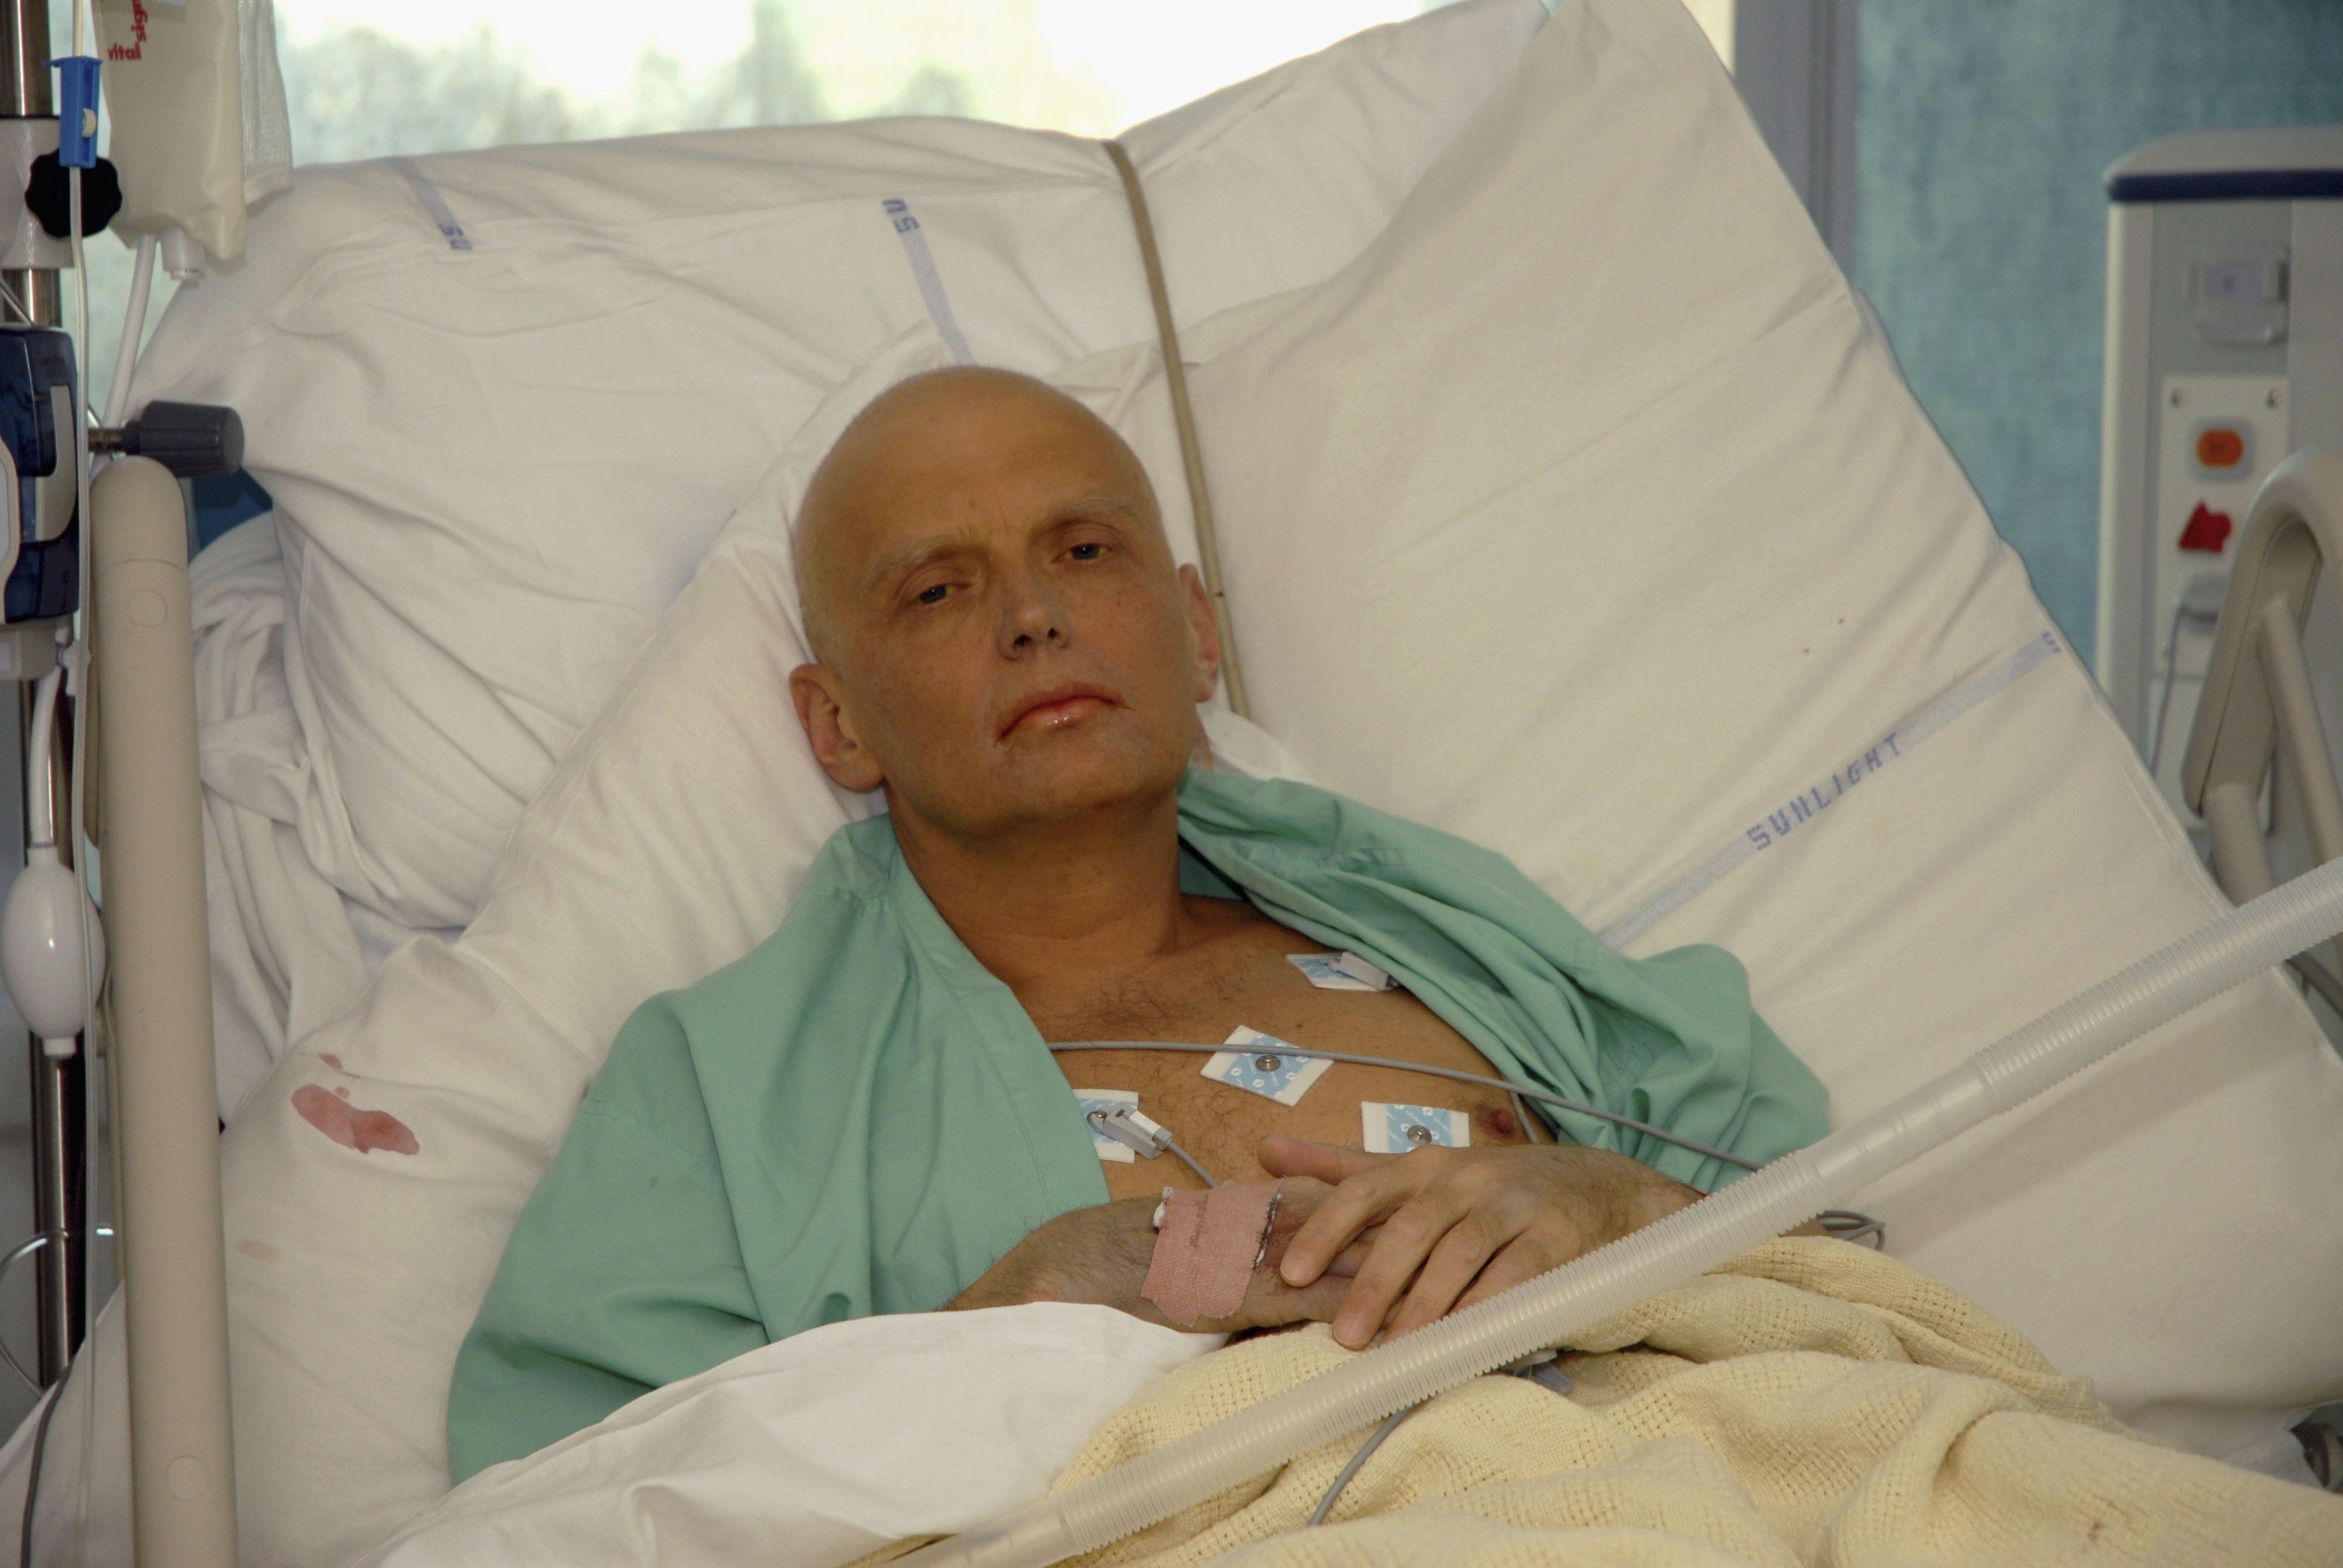 Principalul suspect in cazul otravirii lui Litvinenko are propriul show TV in Rusia